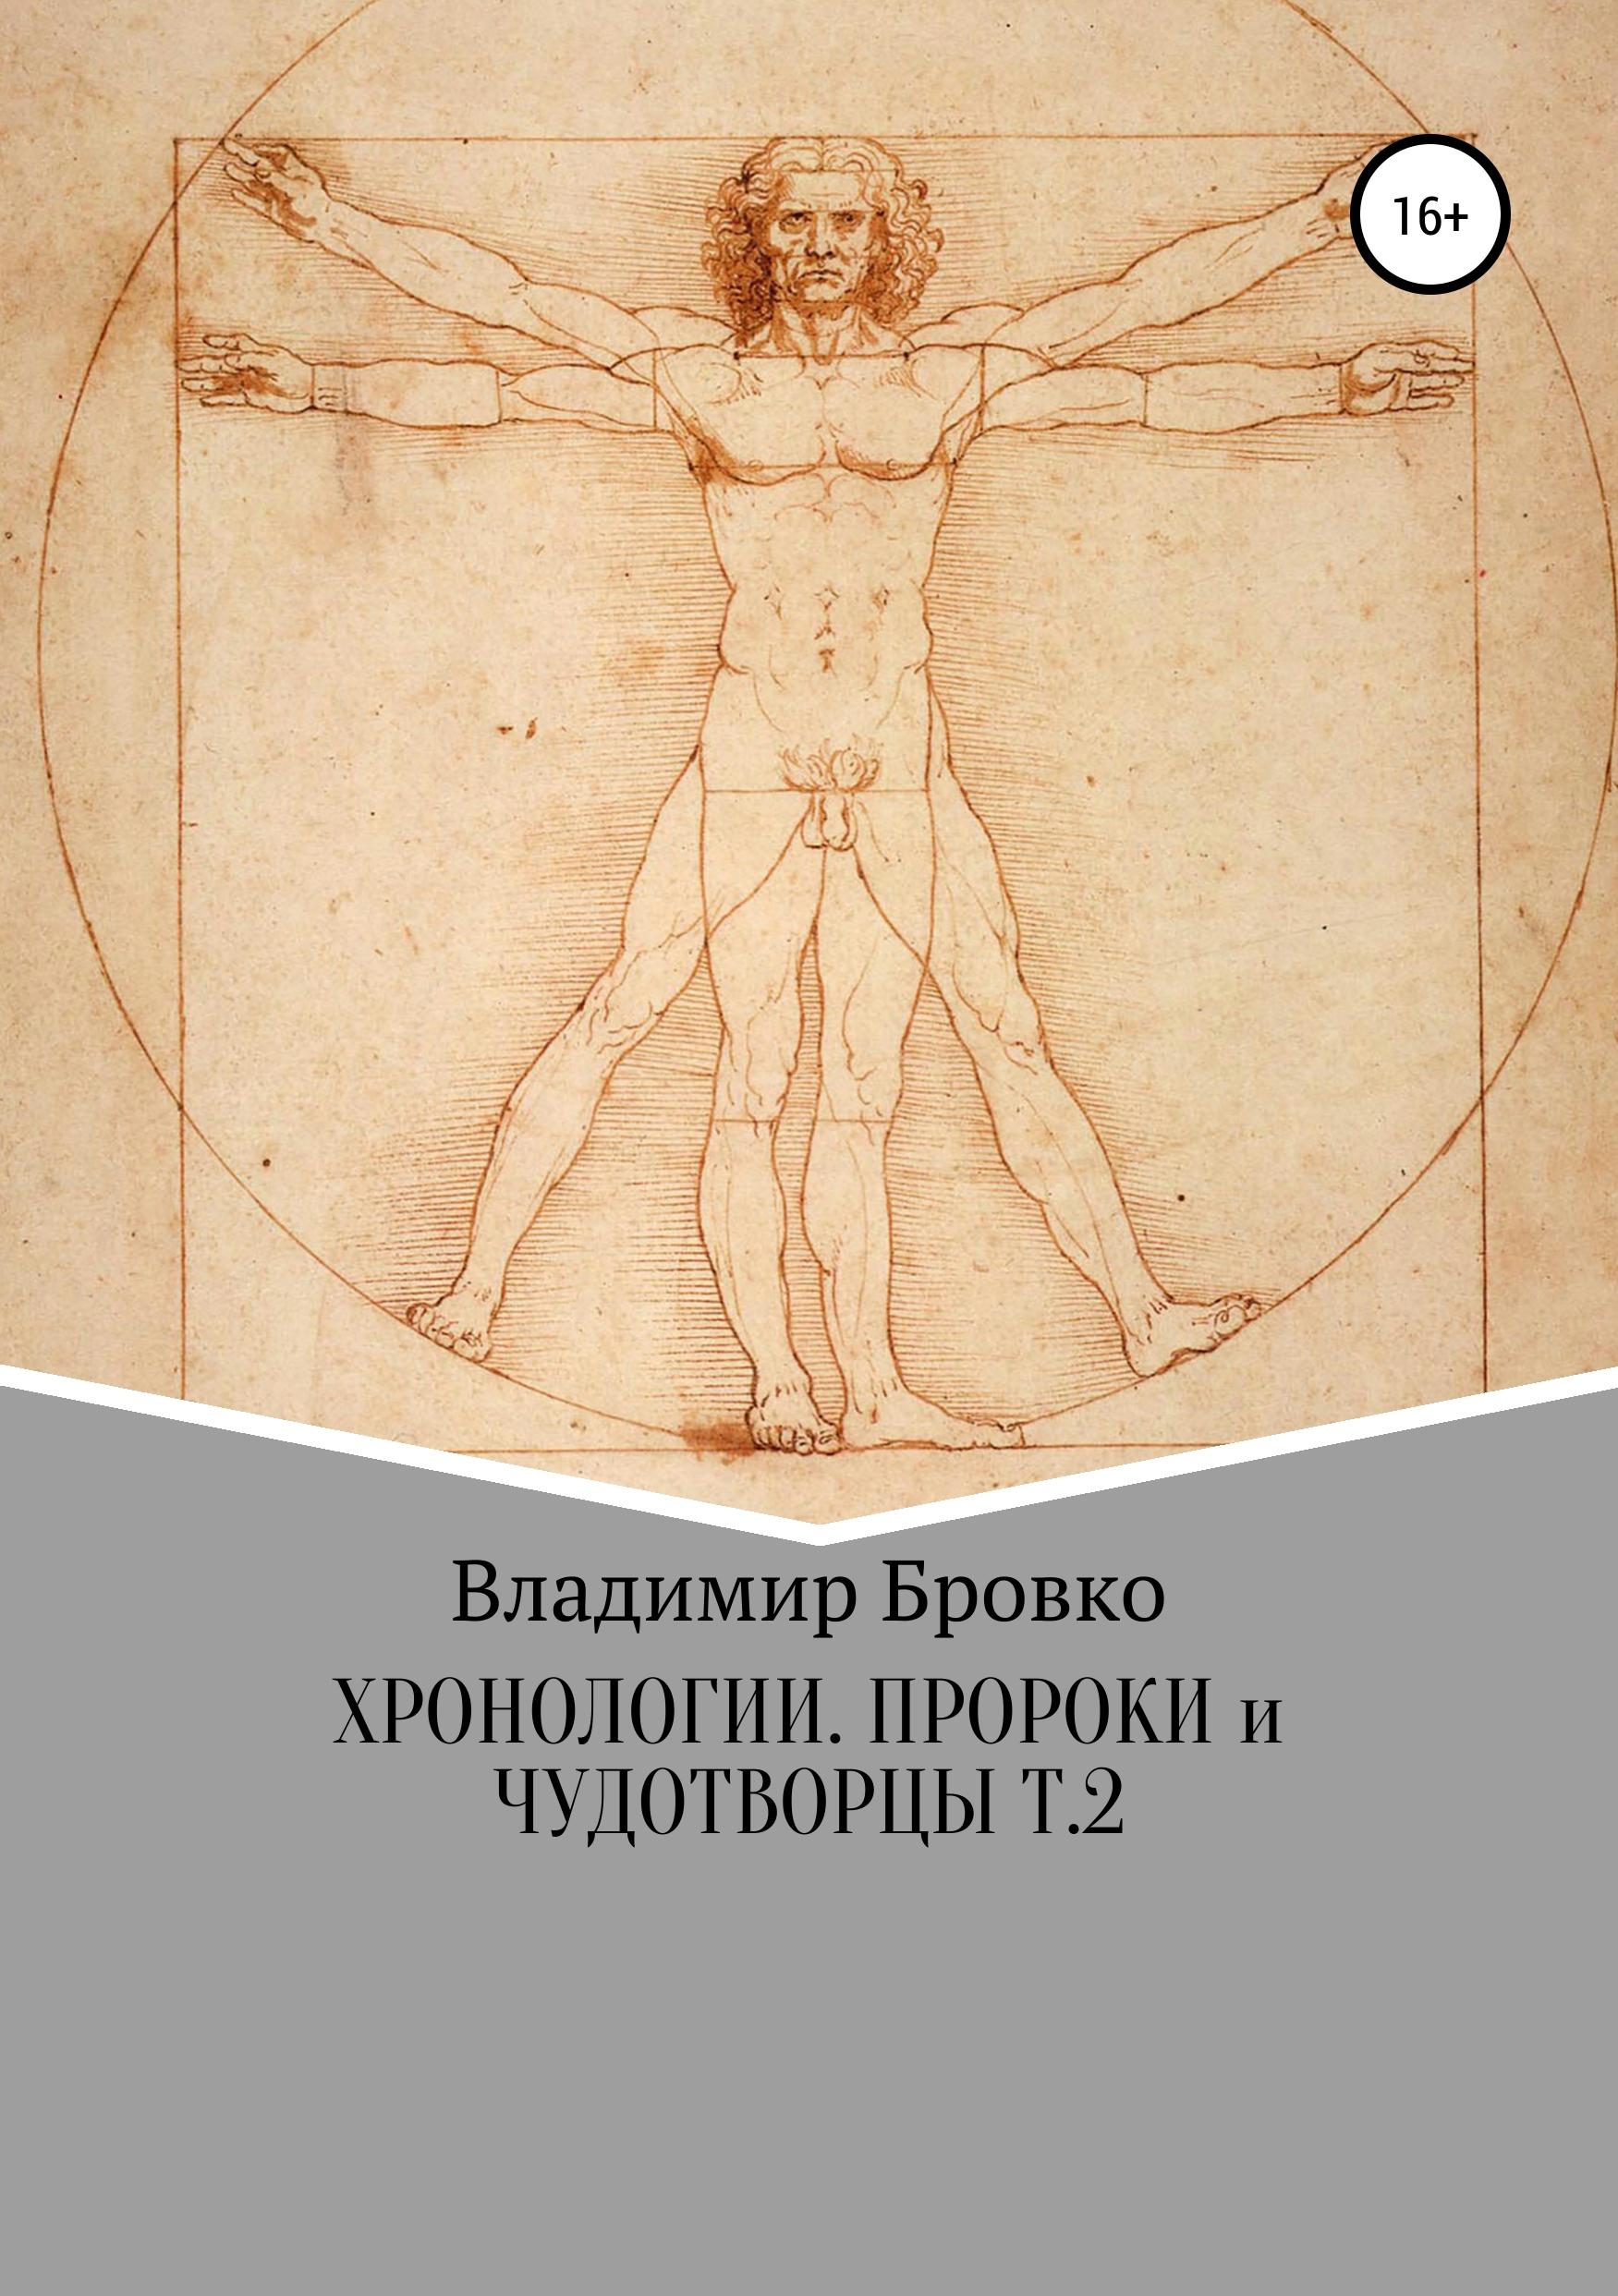 Хронологии. Пророки и чудотворцы. Ч. 2